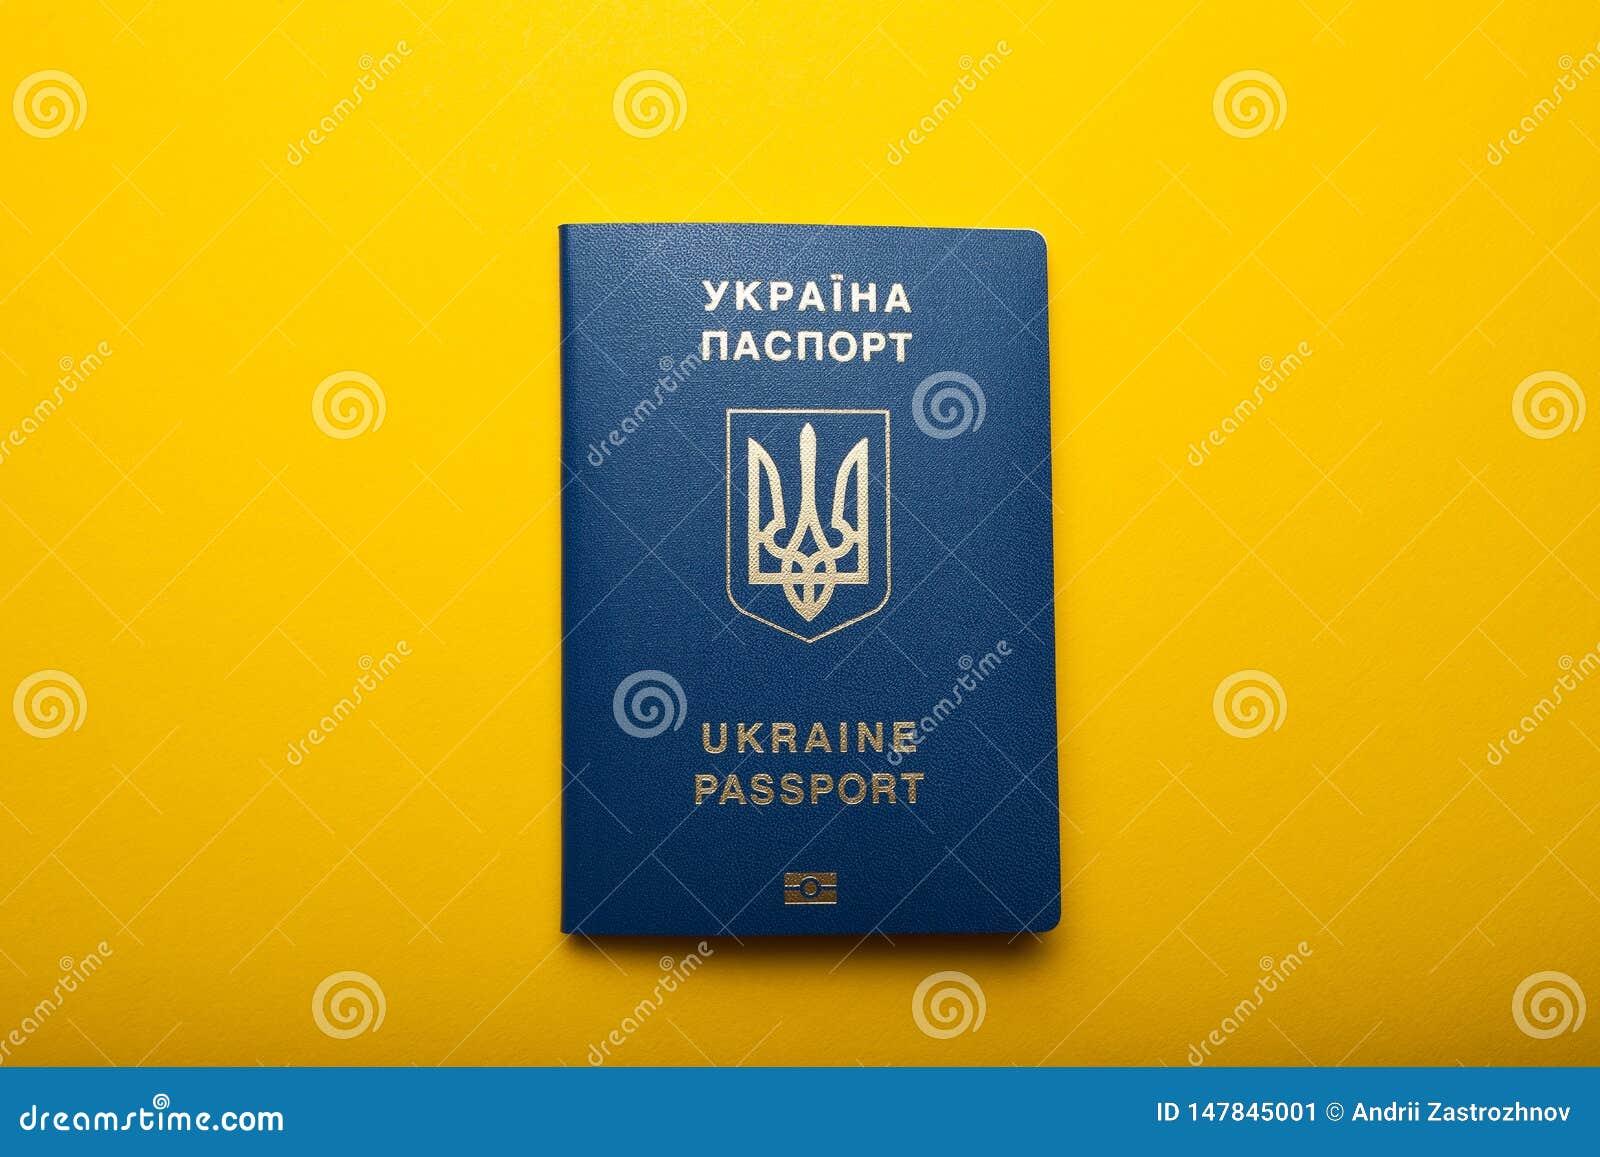 Passaporto biometrico ucraino isolato su un fondo giallo